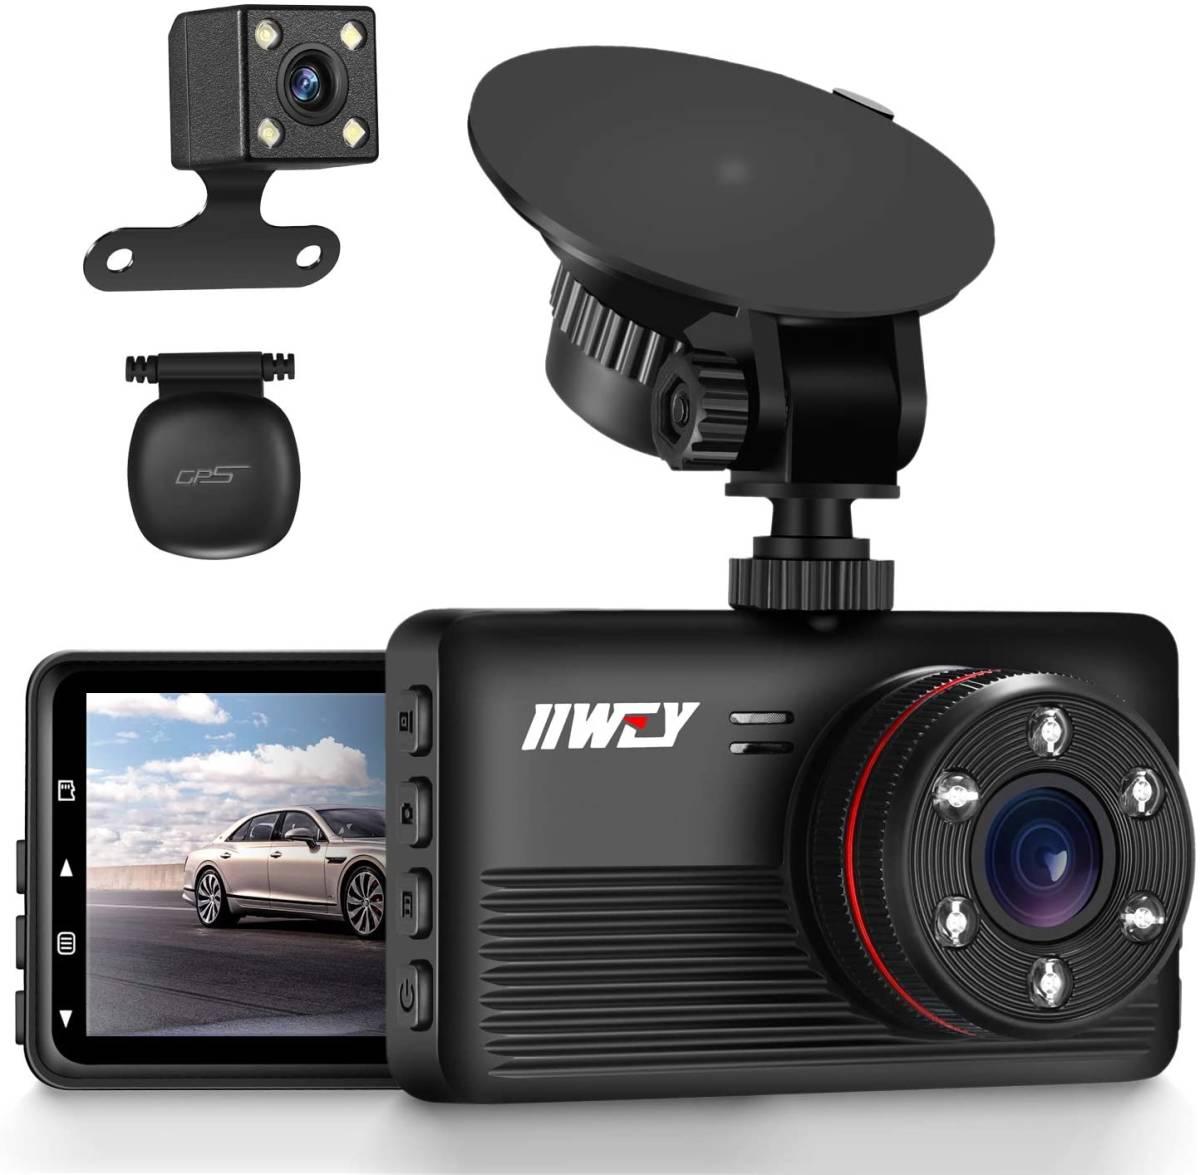 【令和3年版、GPS付き】ドライブレコーダー IIWEY 前後カメラ GPS搭載 赤外線暗視ライトSONY IMX294センサー 1080PフルHD A228_画像1